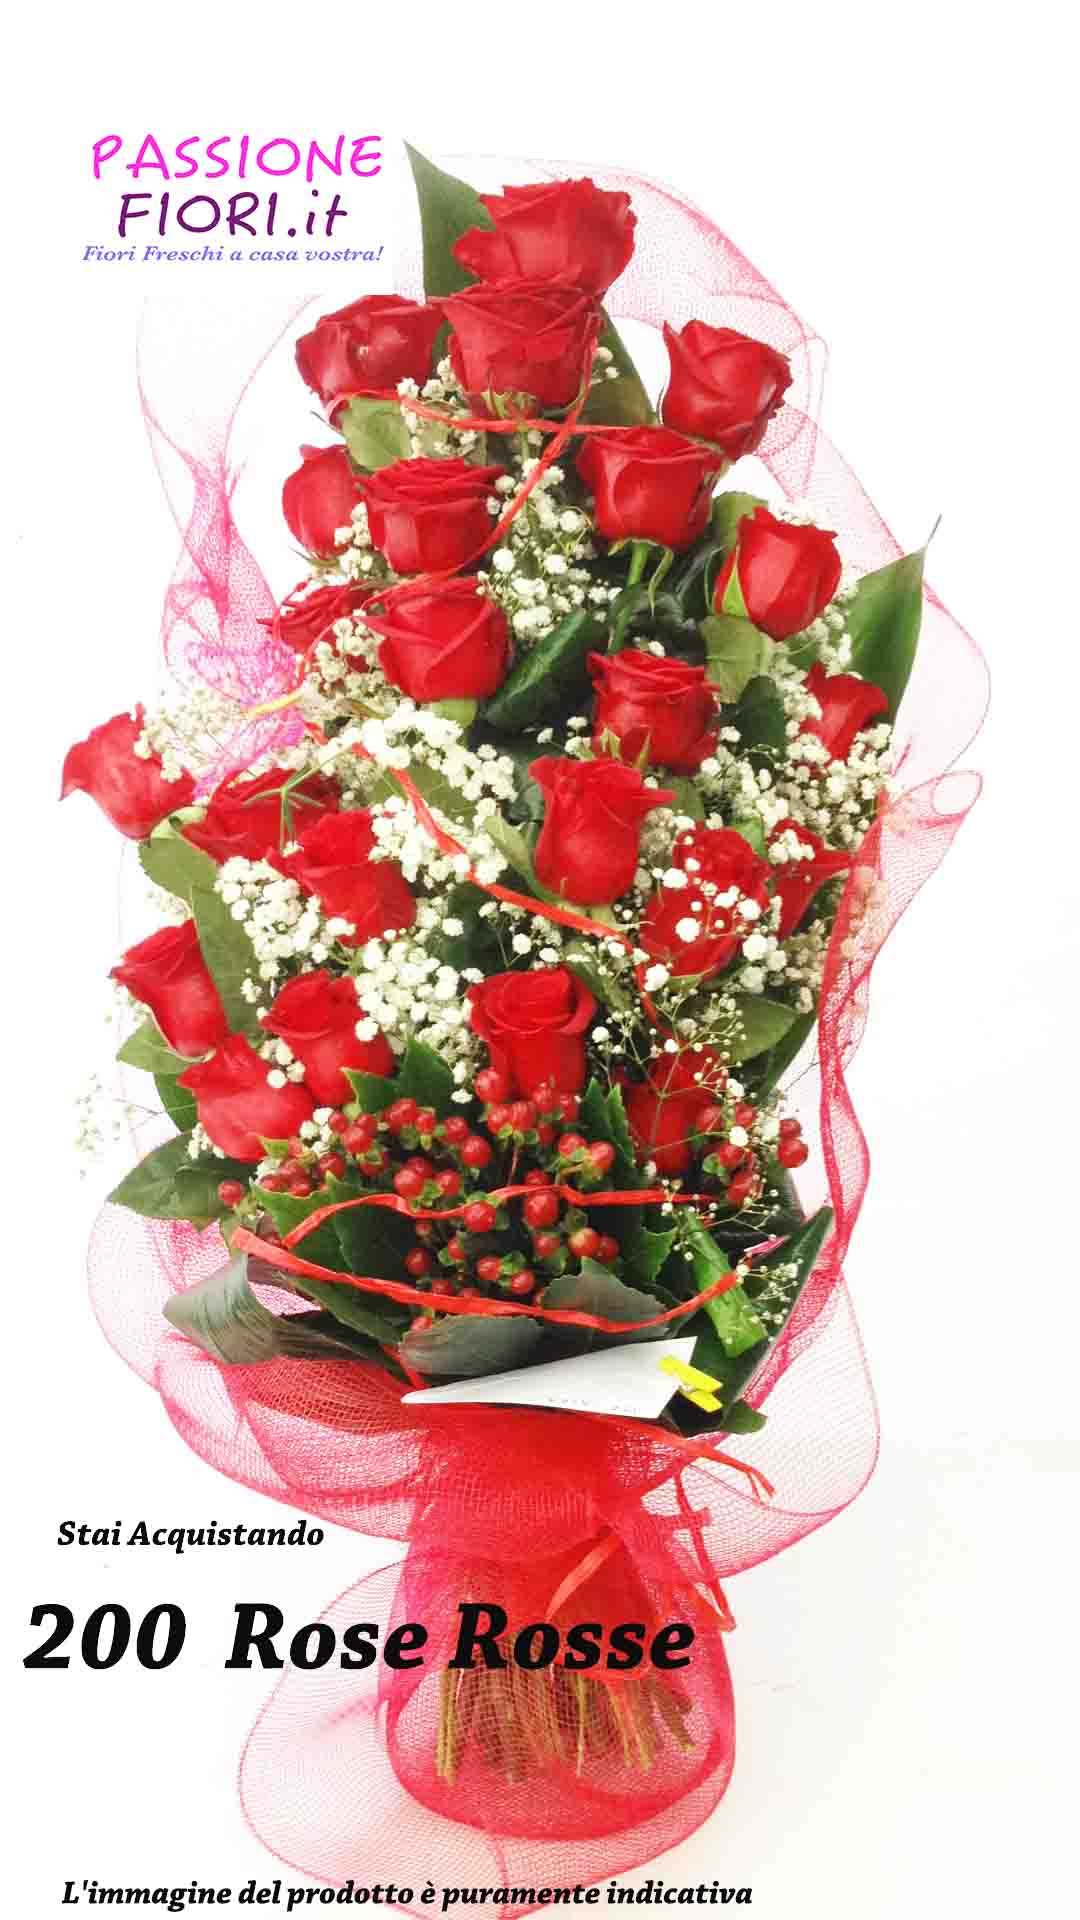 Un Mazzo Di Fiori.200 Rose Rosse Per Fare Un Grande Colpo Passionefiori It Fiori